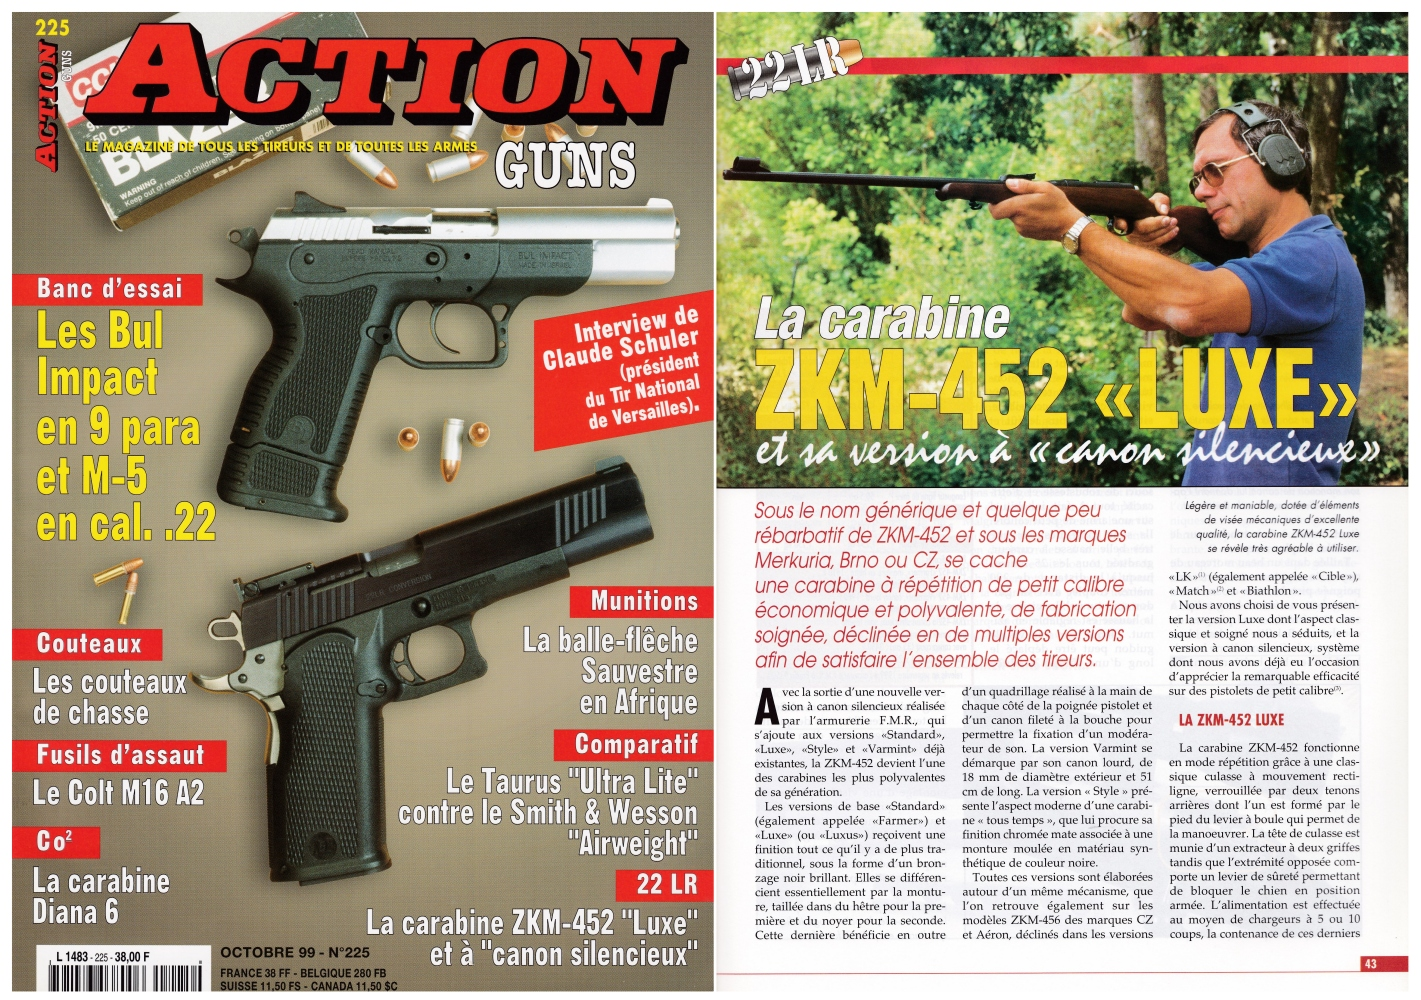 Le banc d'essai des carabines CZ ZKM-452 « Luxe » et à canon silencieux a été publié sur 5 pages dans le magazine Action Guns n°225 (octobre 1999)